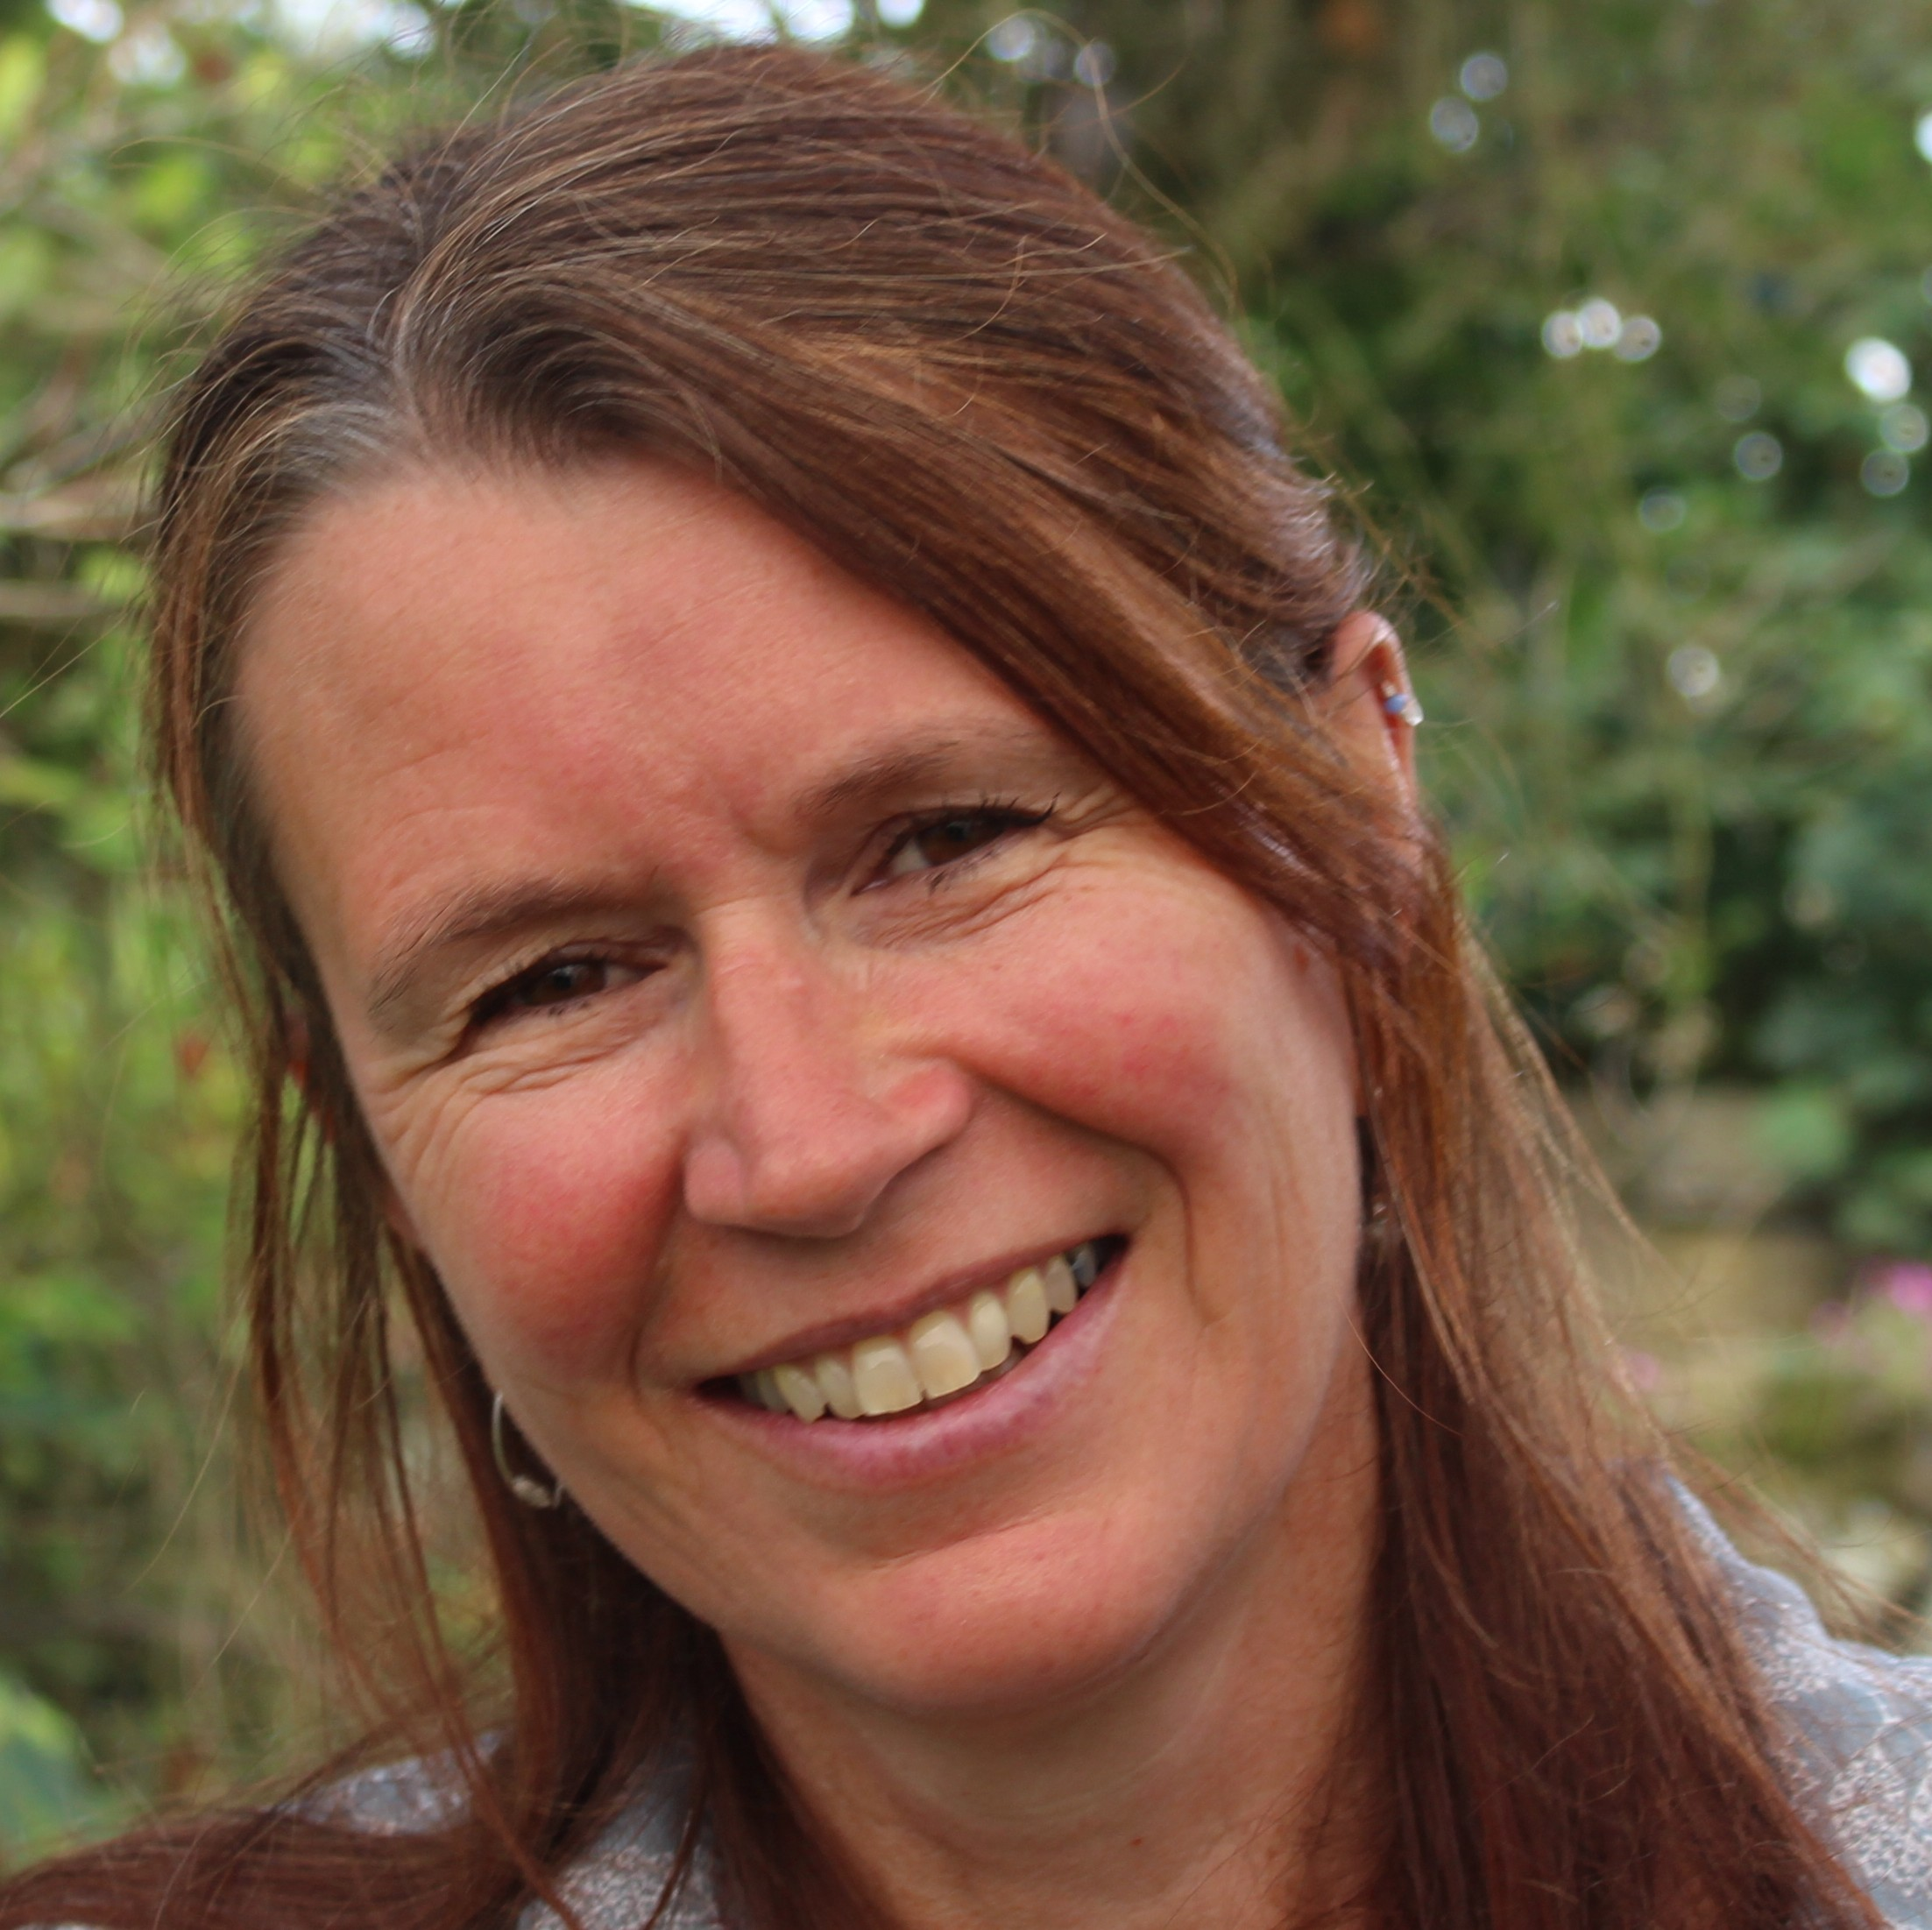 Mandy Lucas